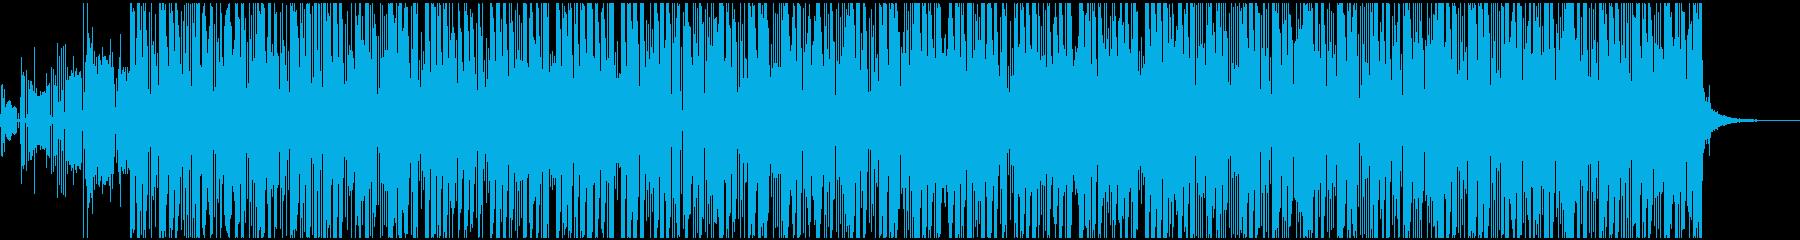 ポップ テクノ ブレイクビーツ ド...の再生済みの波形